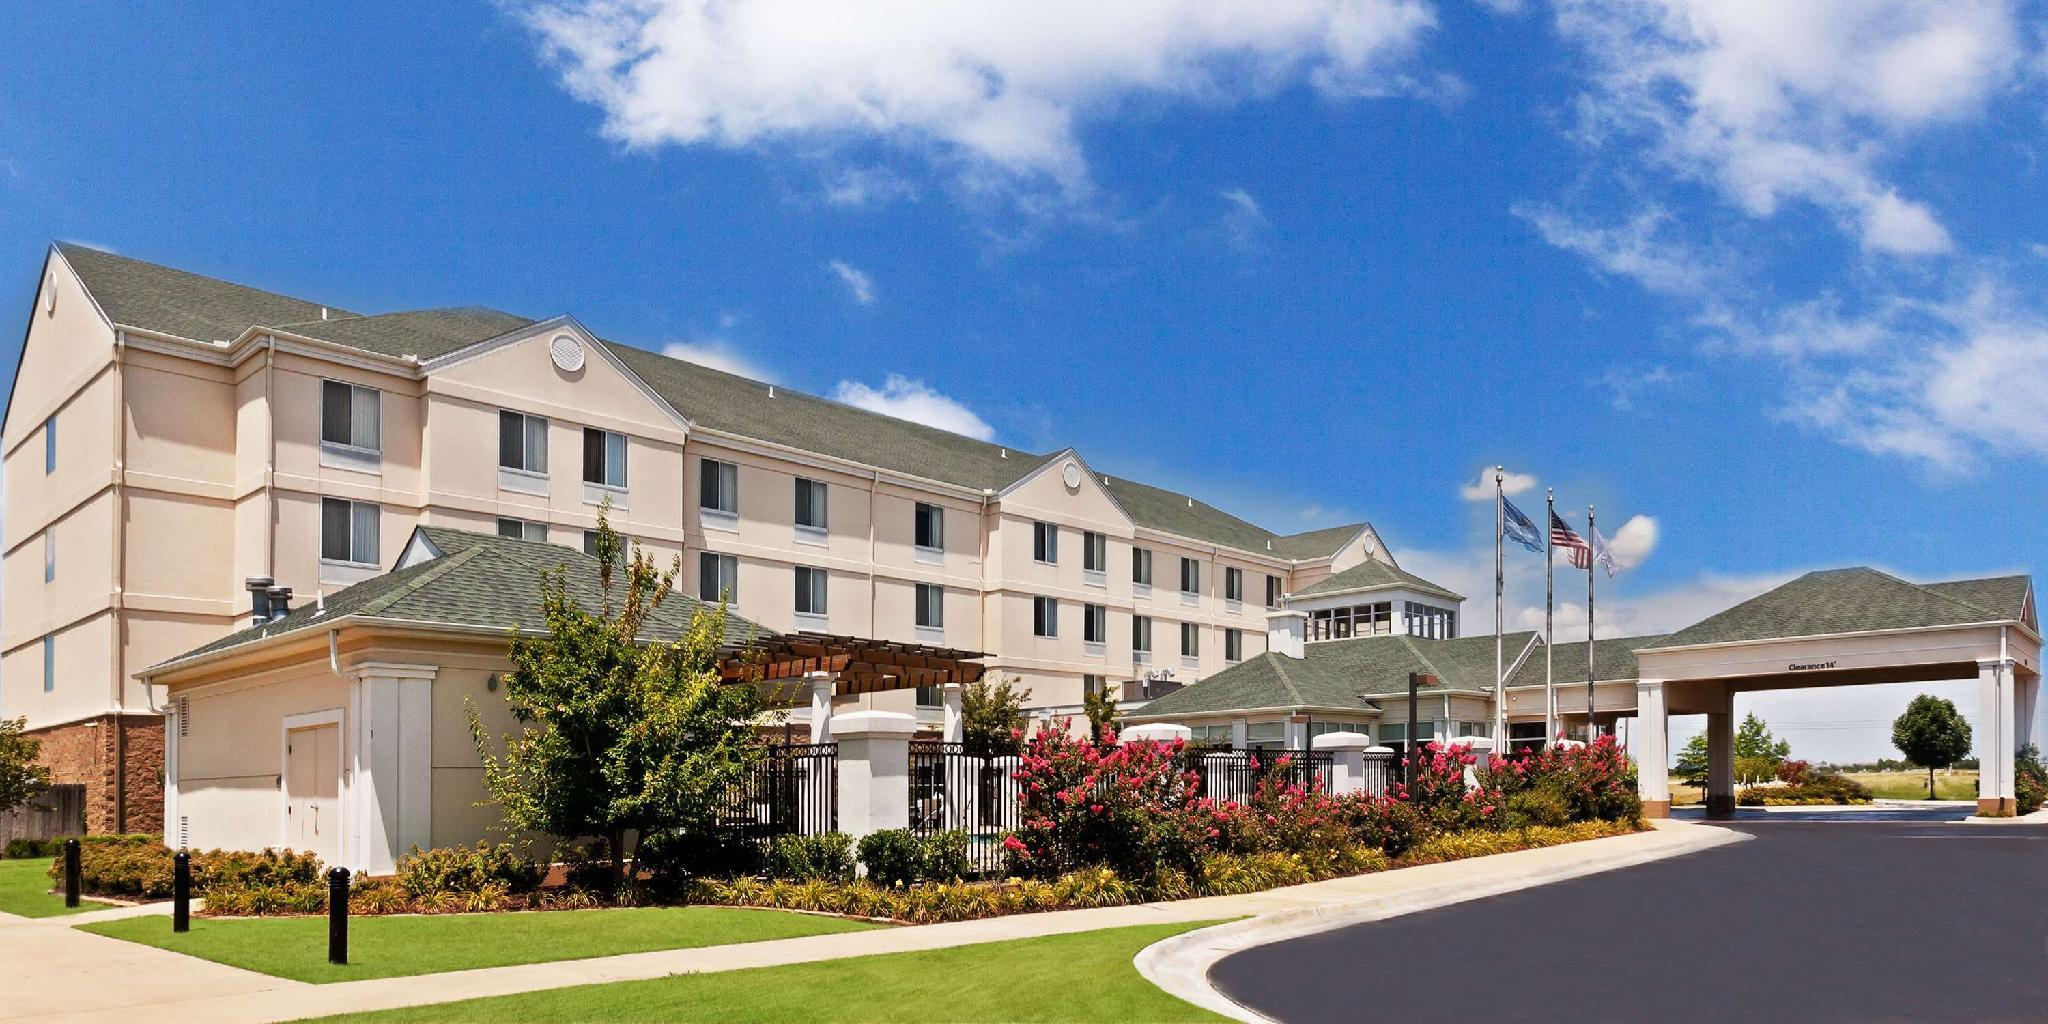 Hilton Garden Inn Tulsa South Hotel